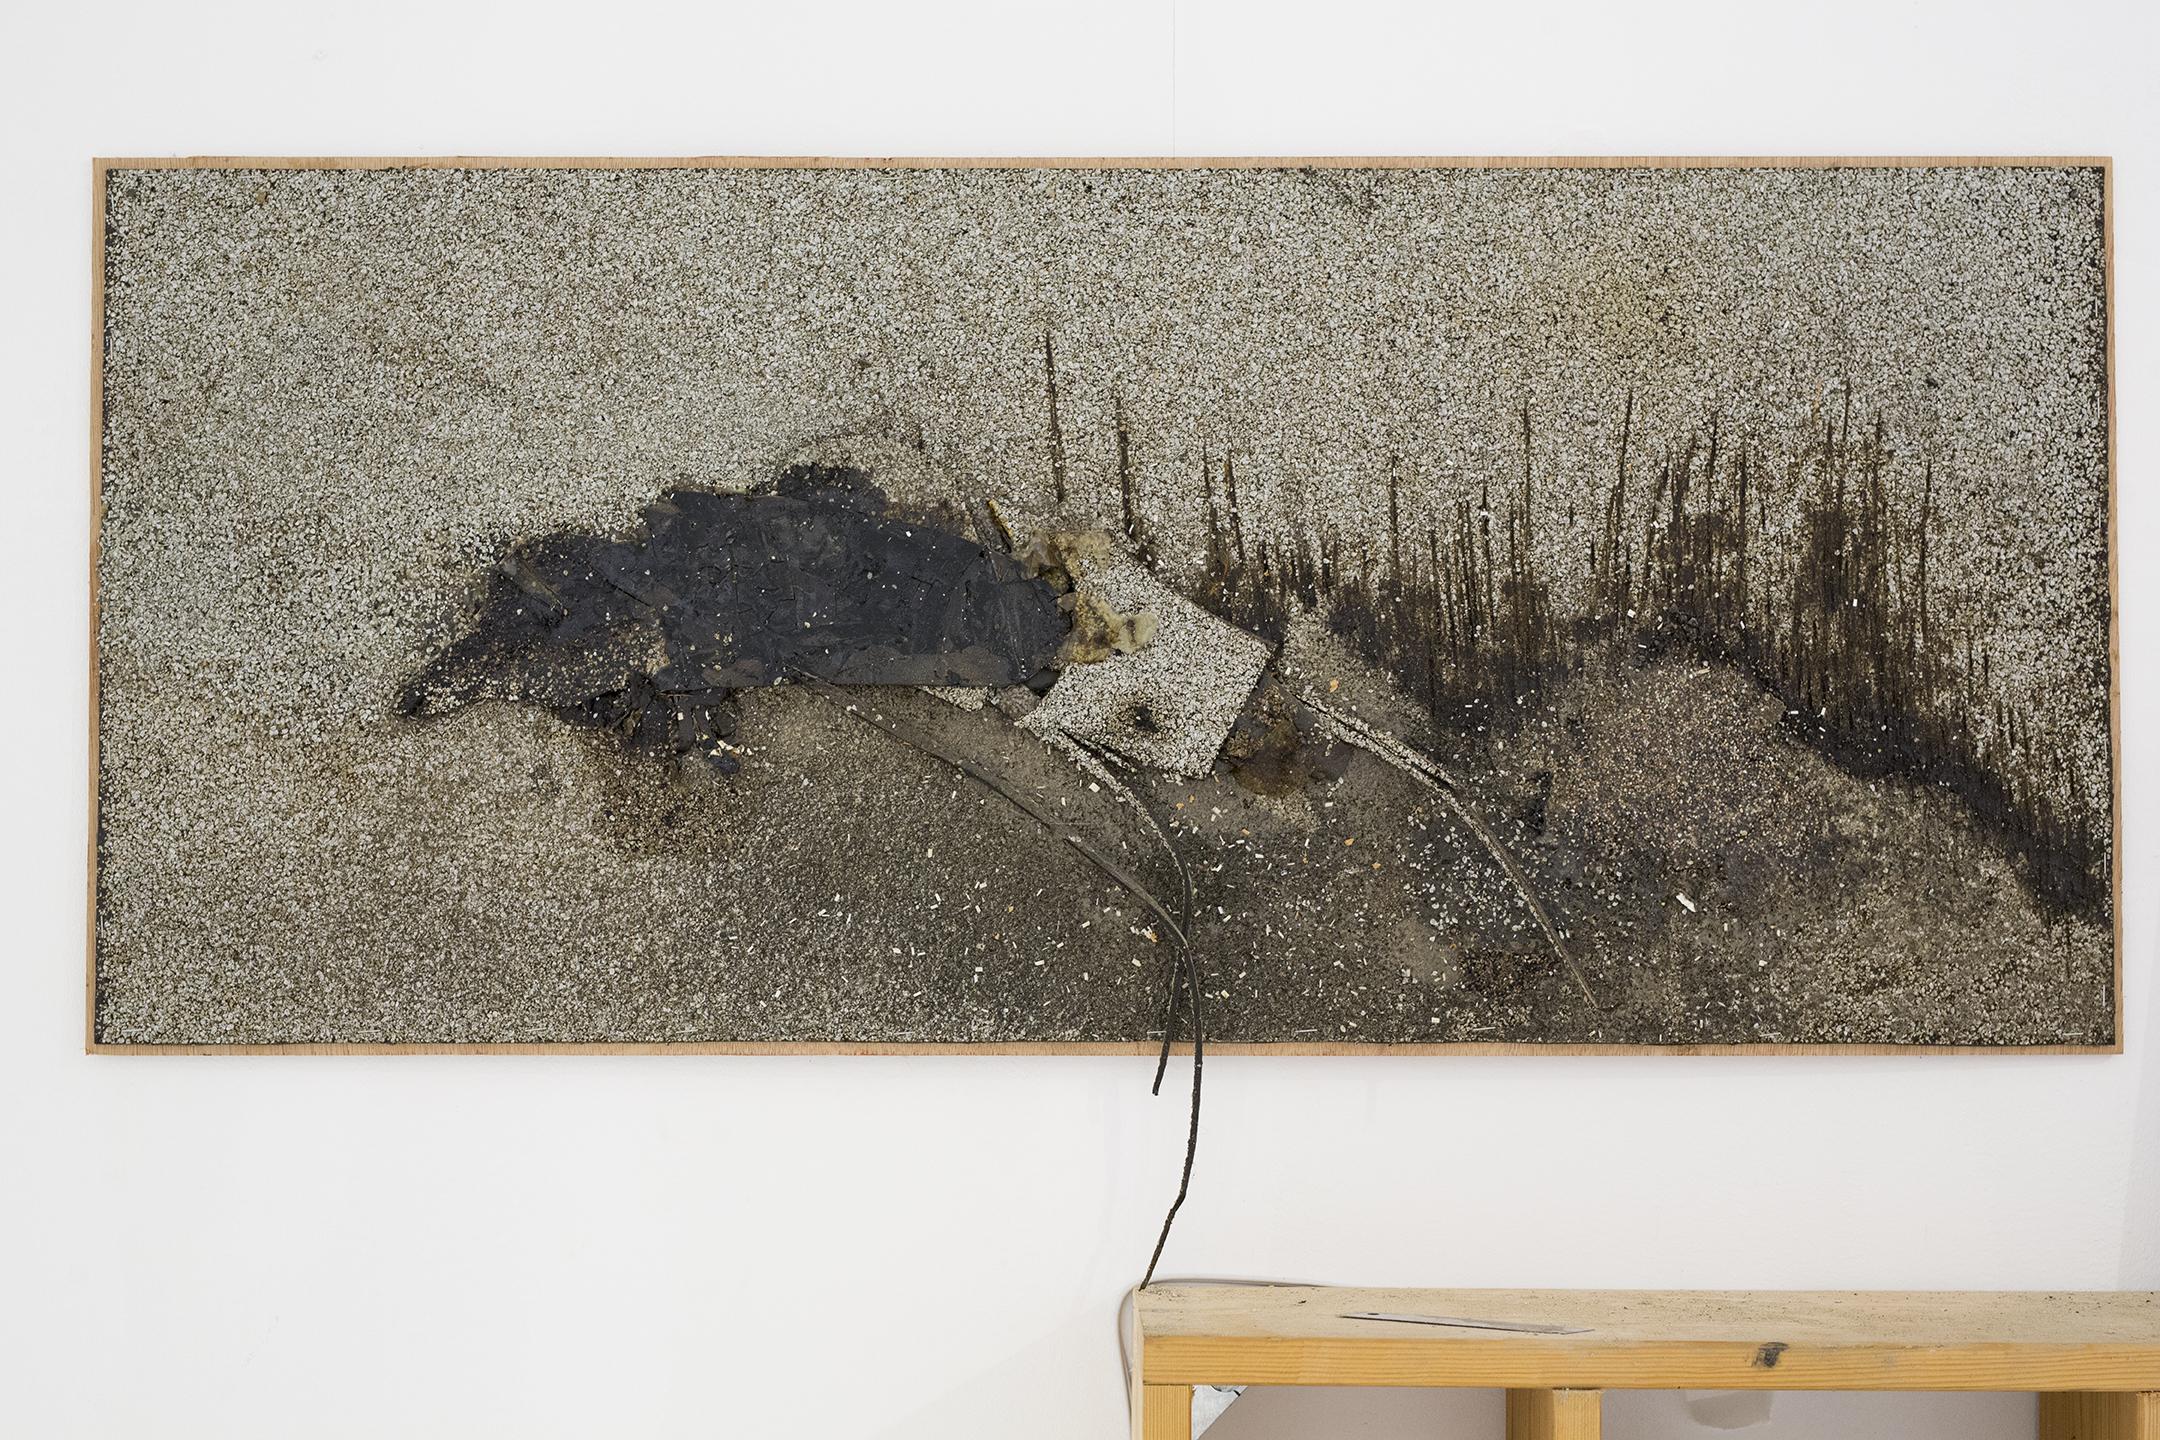 יצור נס (2016), קולאז על יריעה ביטומנית.